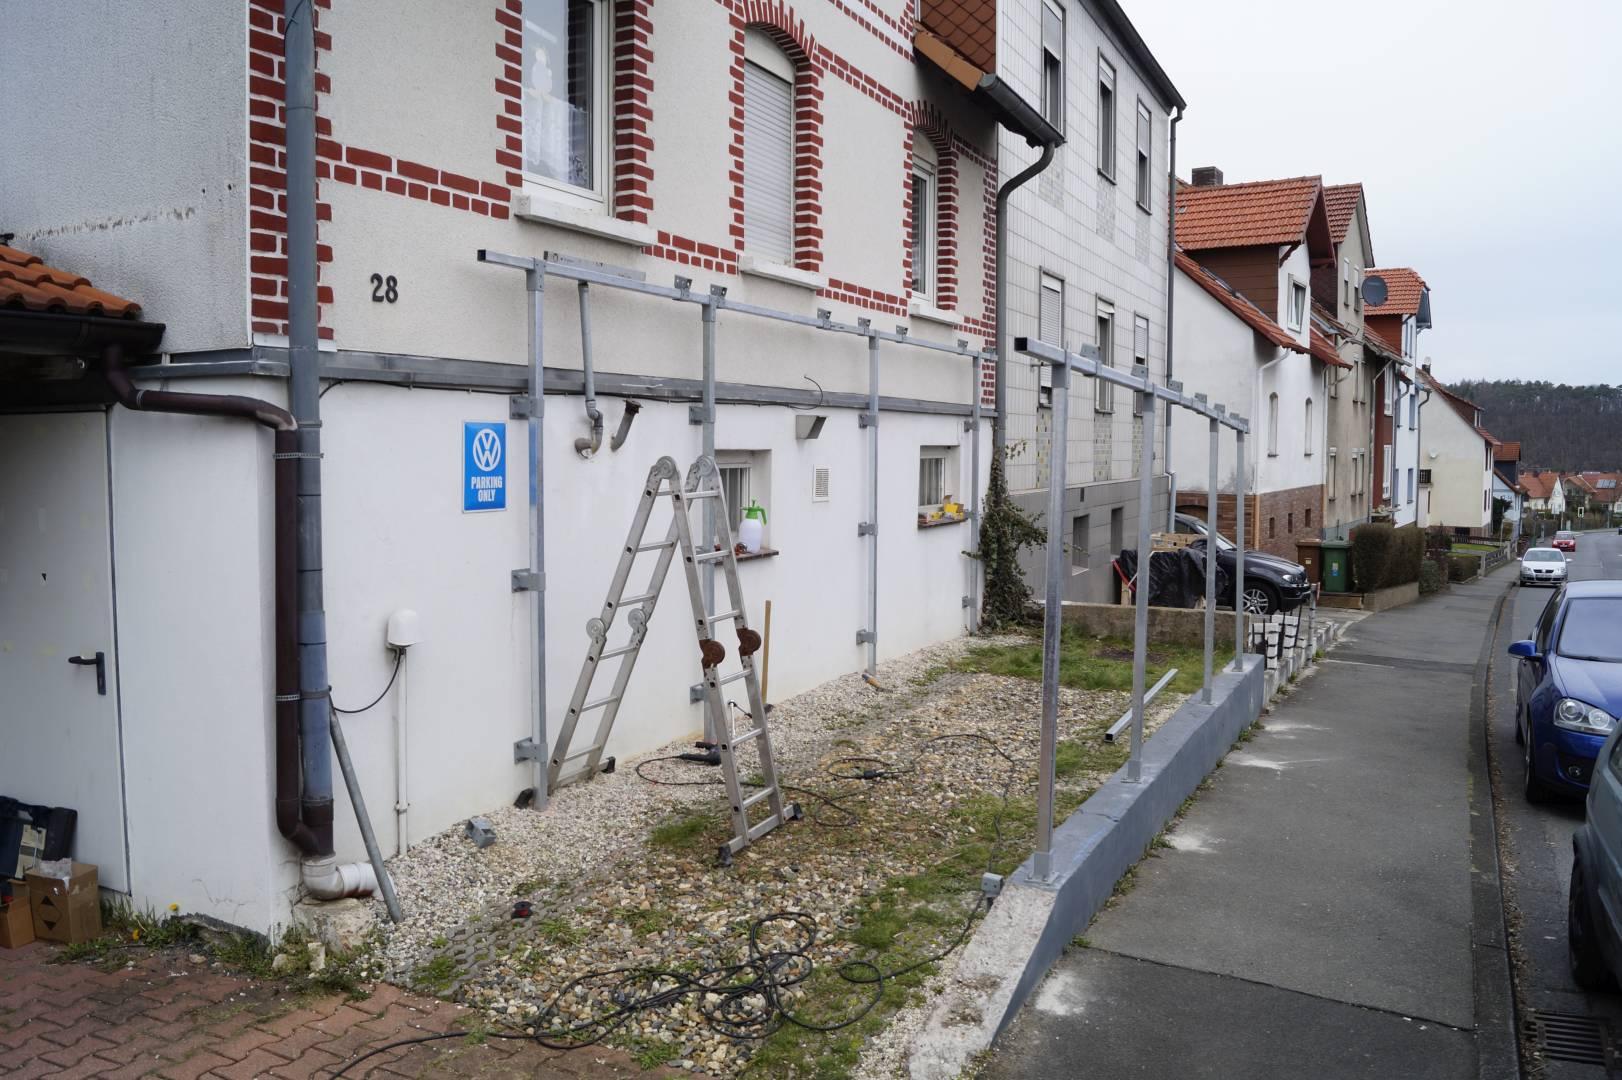 Carport_Aufbau_B01.jpg